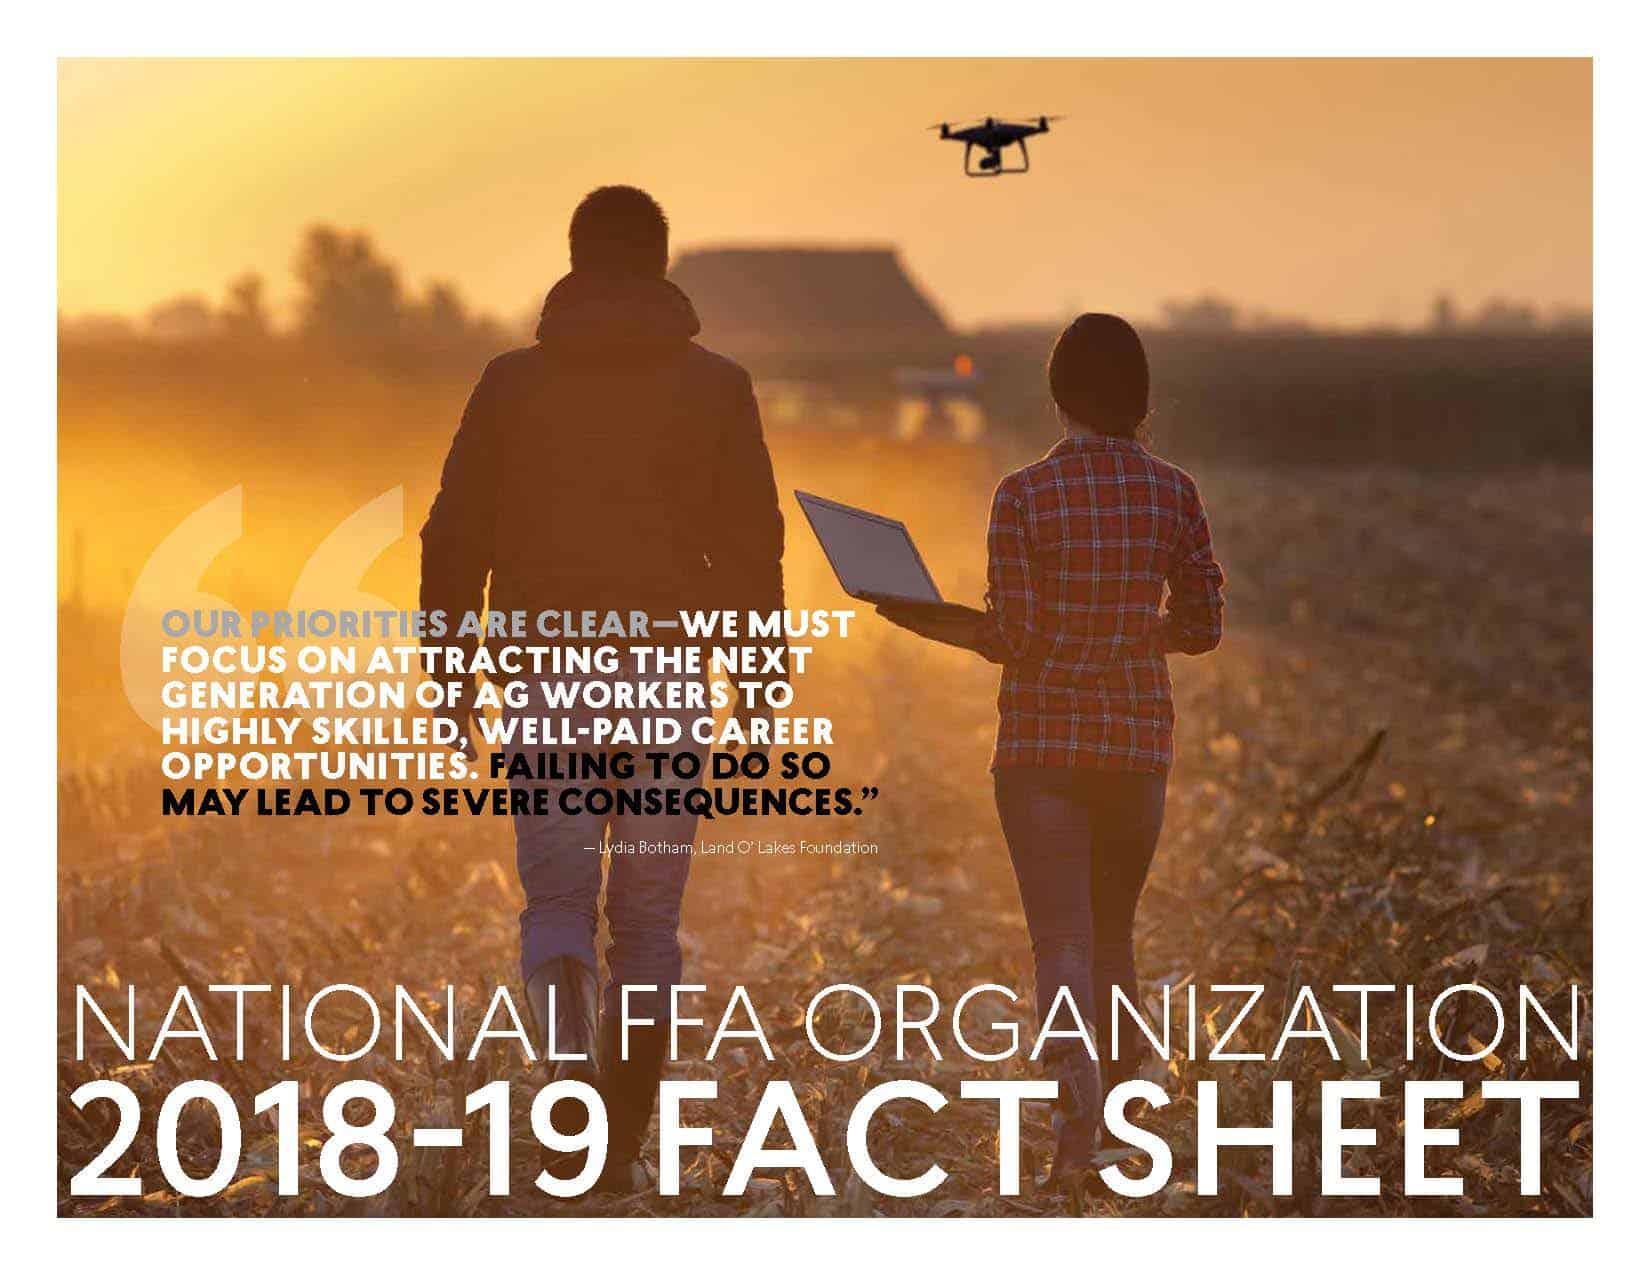 FFA 2019 Fact Sheet Cover